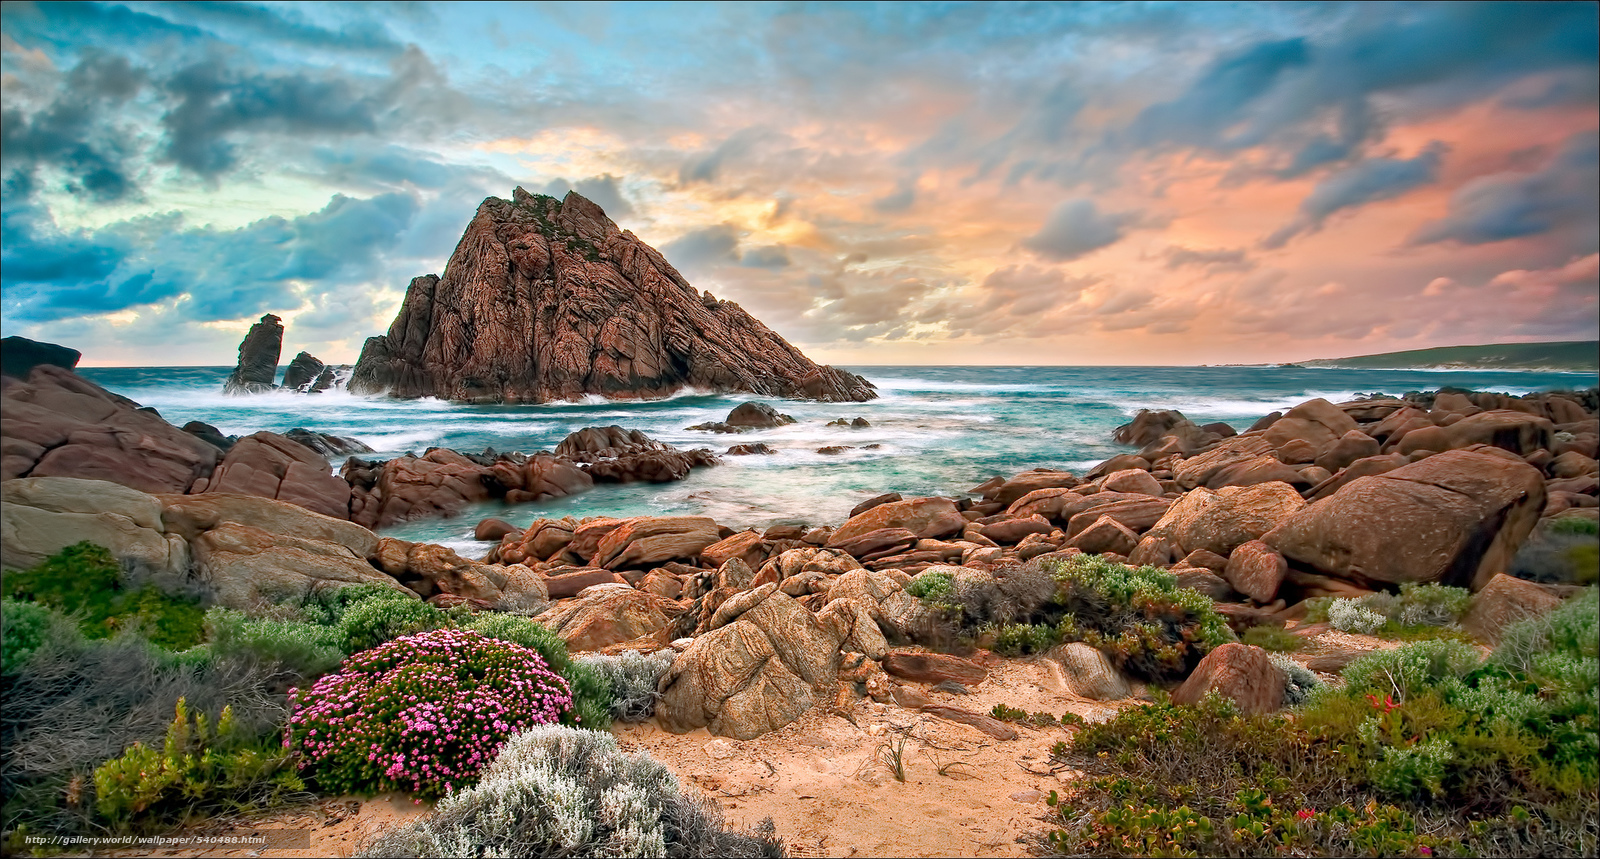 Скачать обои Австралия,  западная,  пляж,  камни бесплатно для рабочего стола в разрешении 2048x1099 — картинка №540488